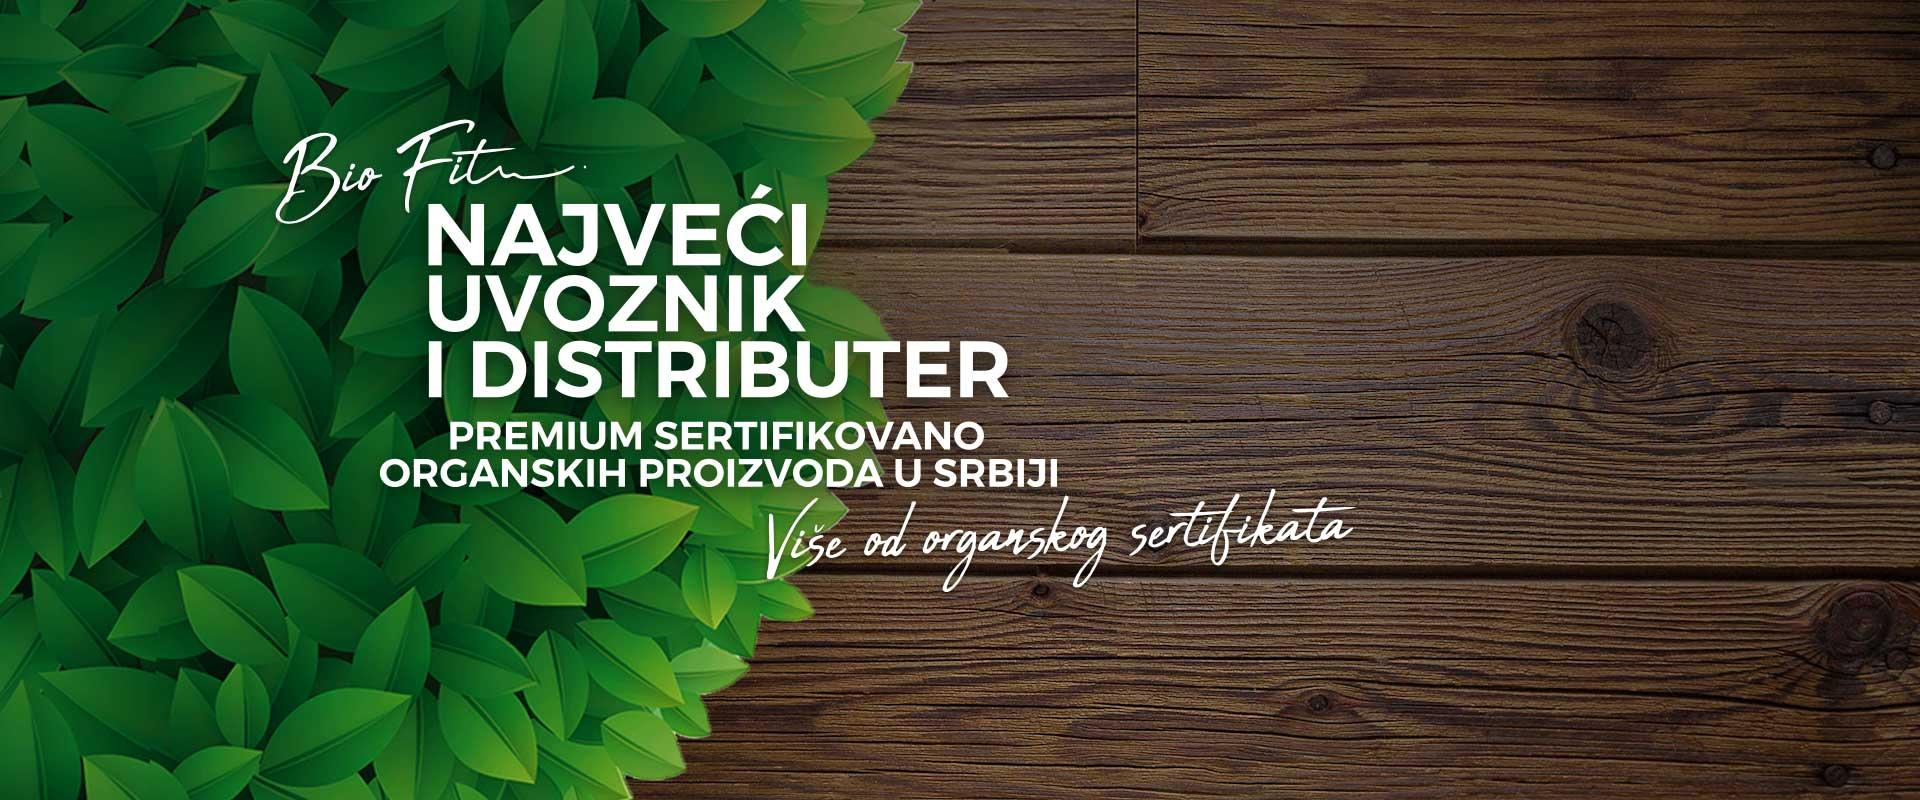 BioFit - najveći uvoznik i distributer organske hrane u Srbiji